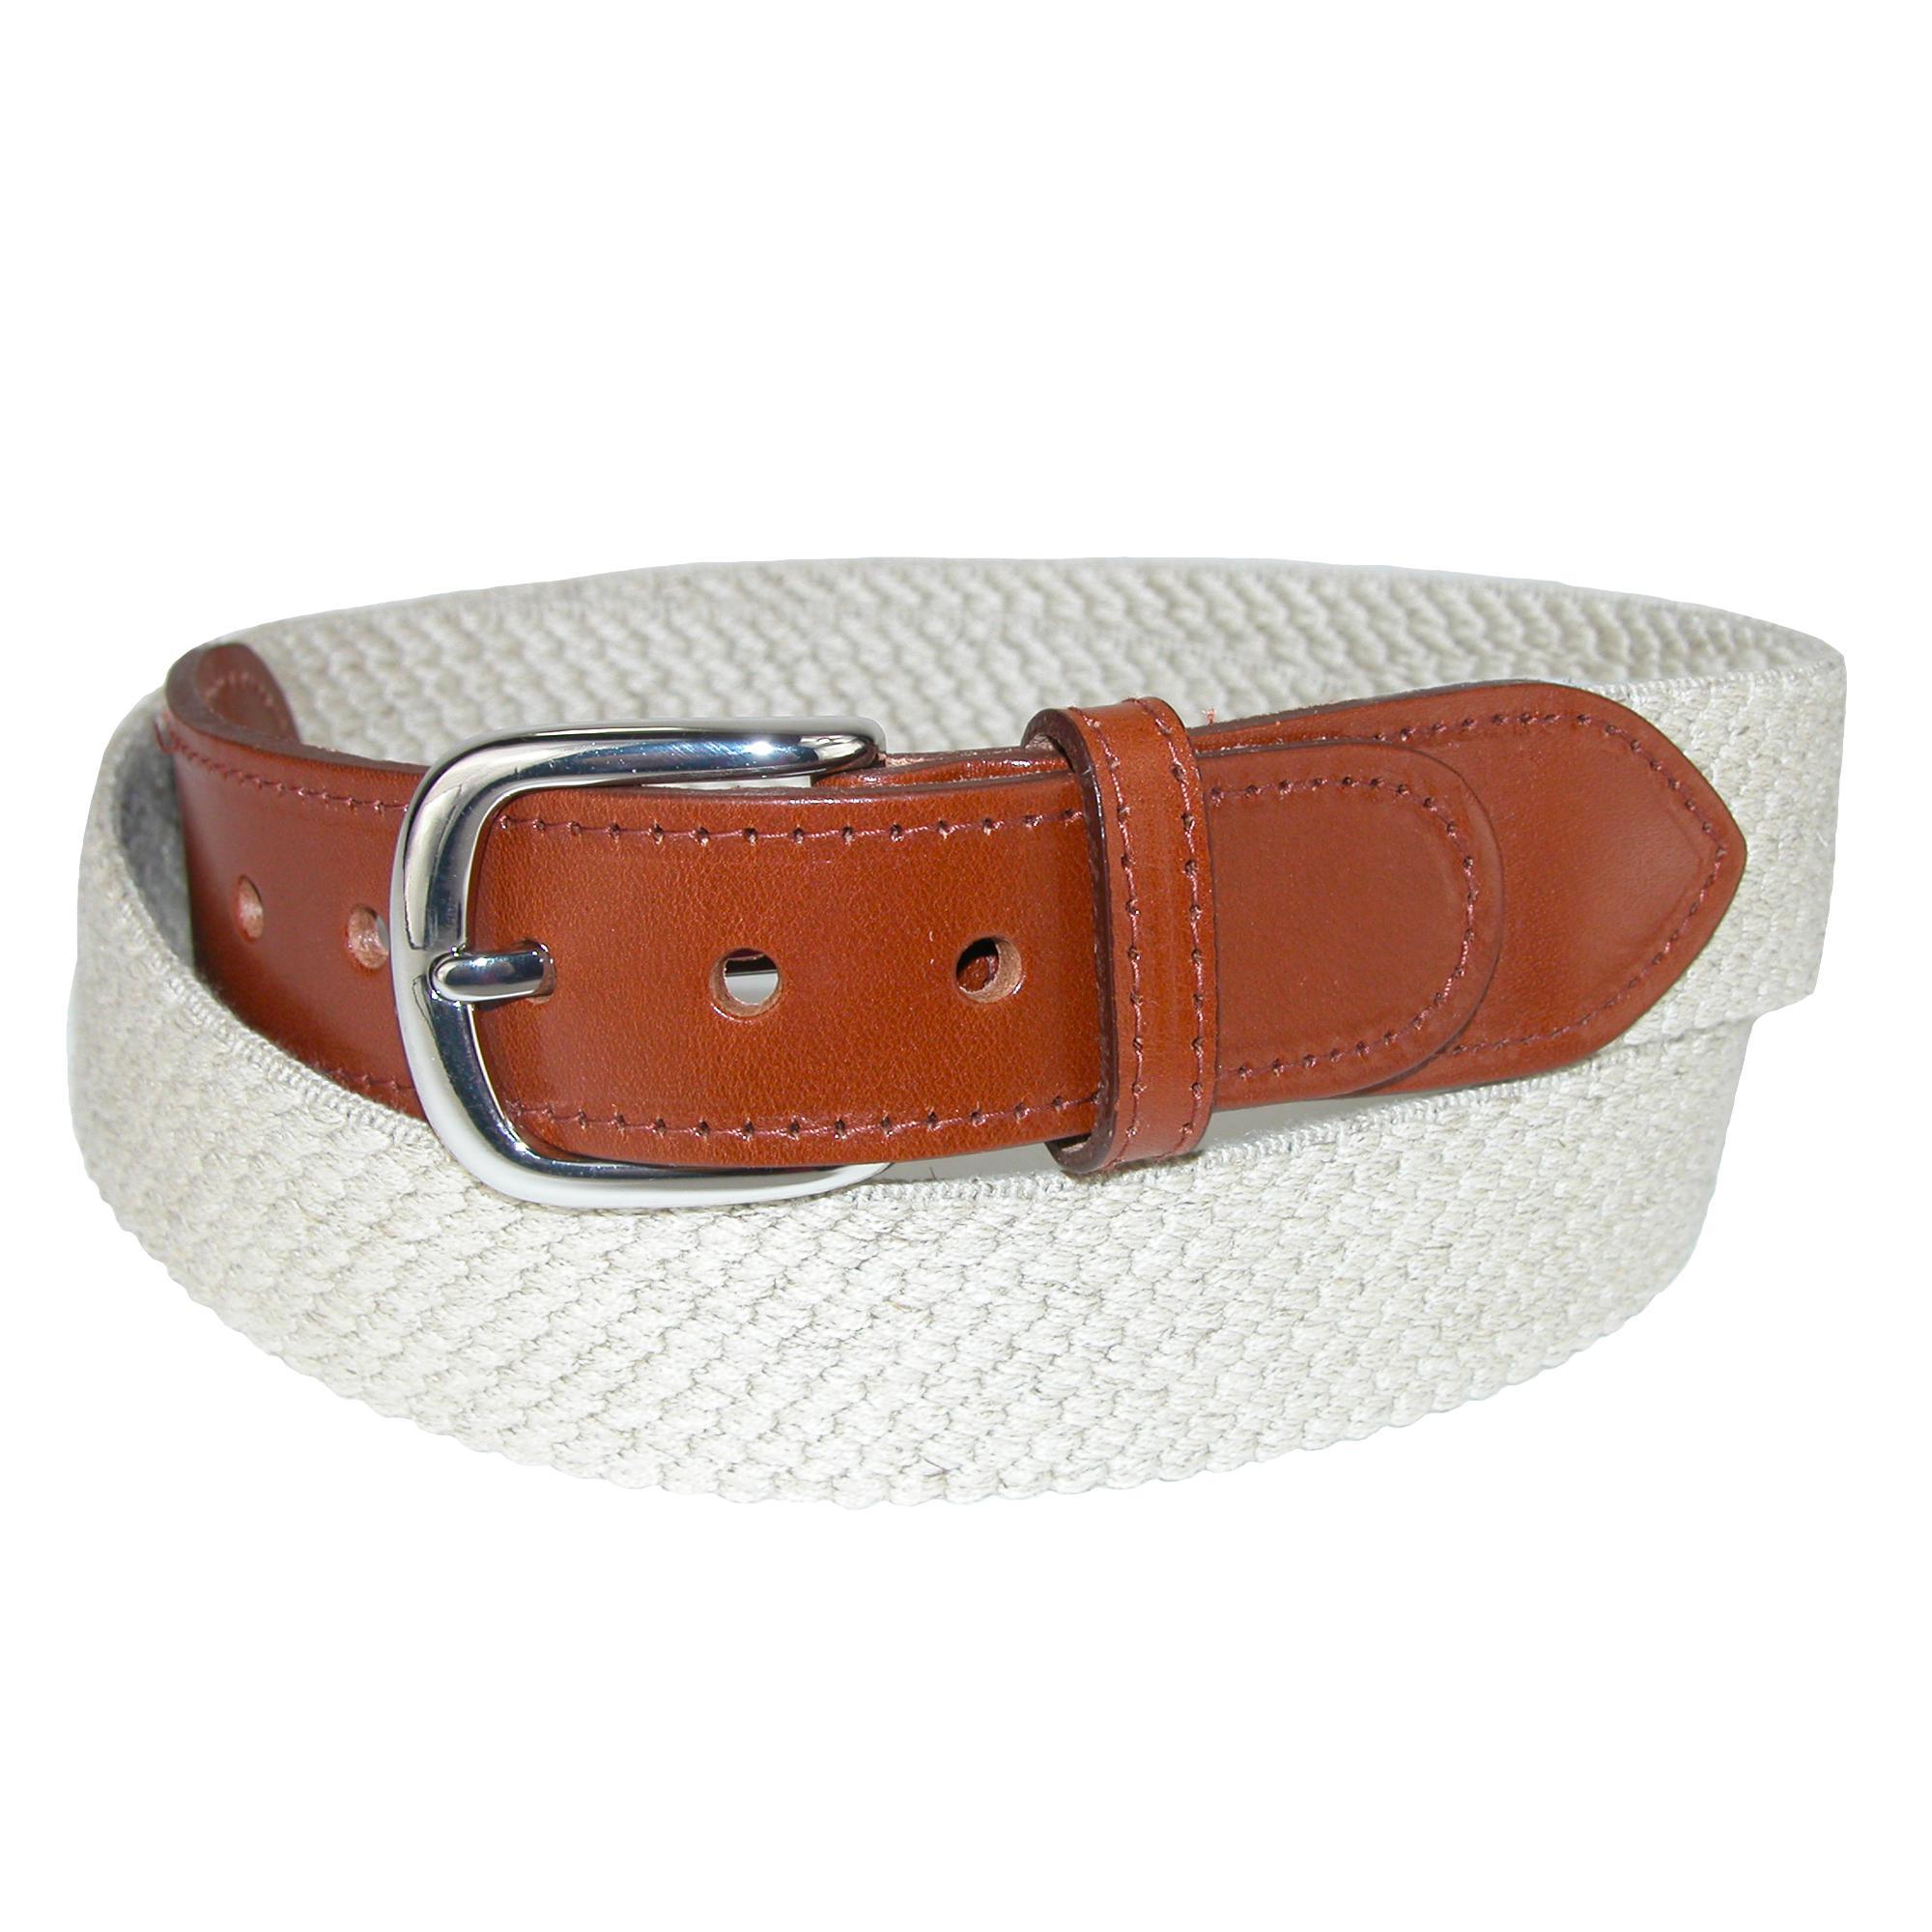 Landes Mens Elastic Web Belt With Leather Tabs